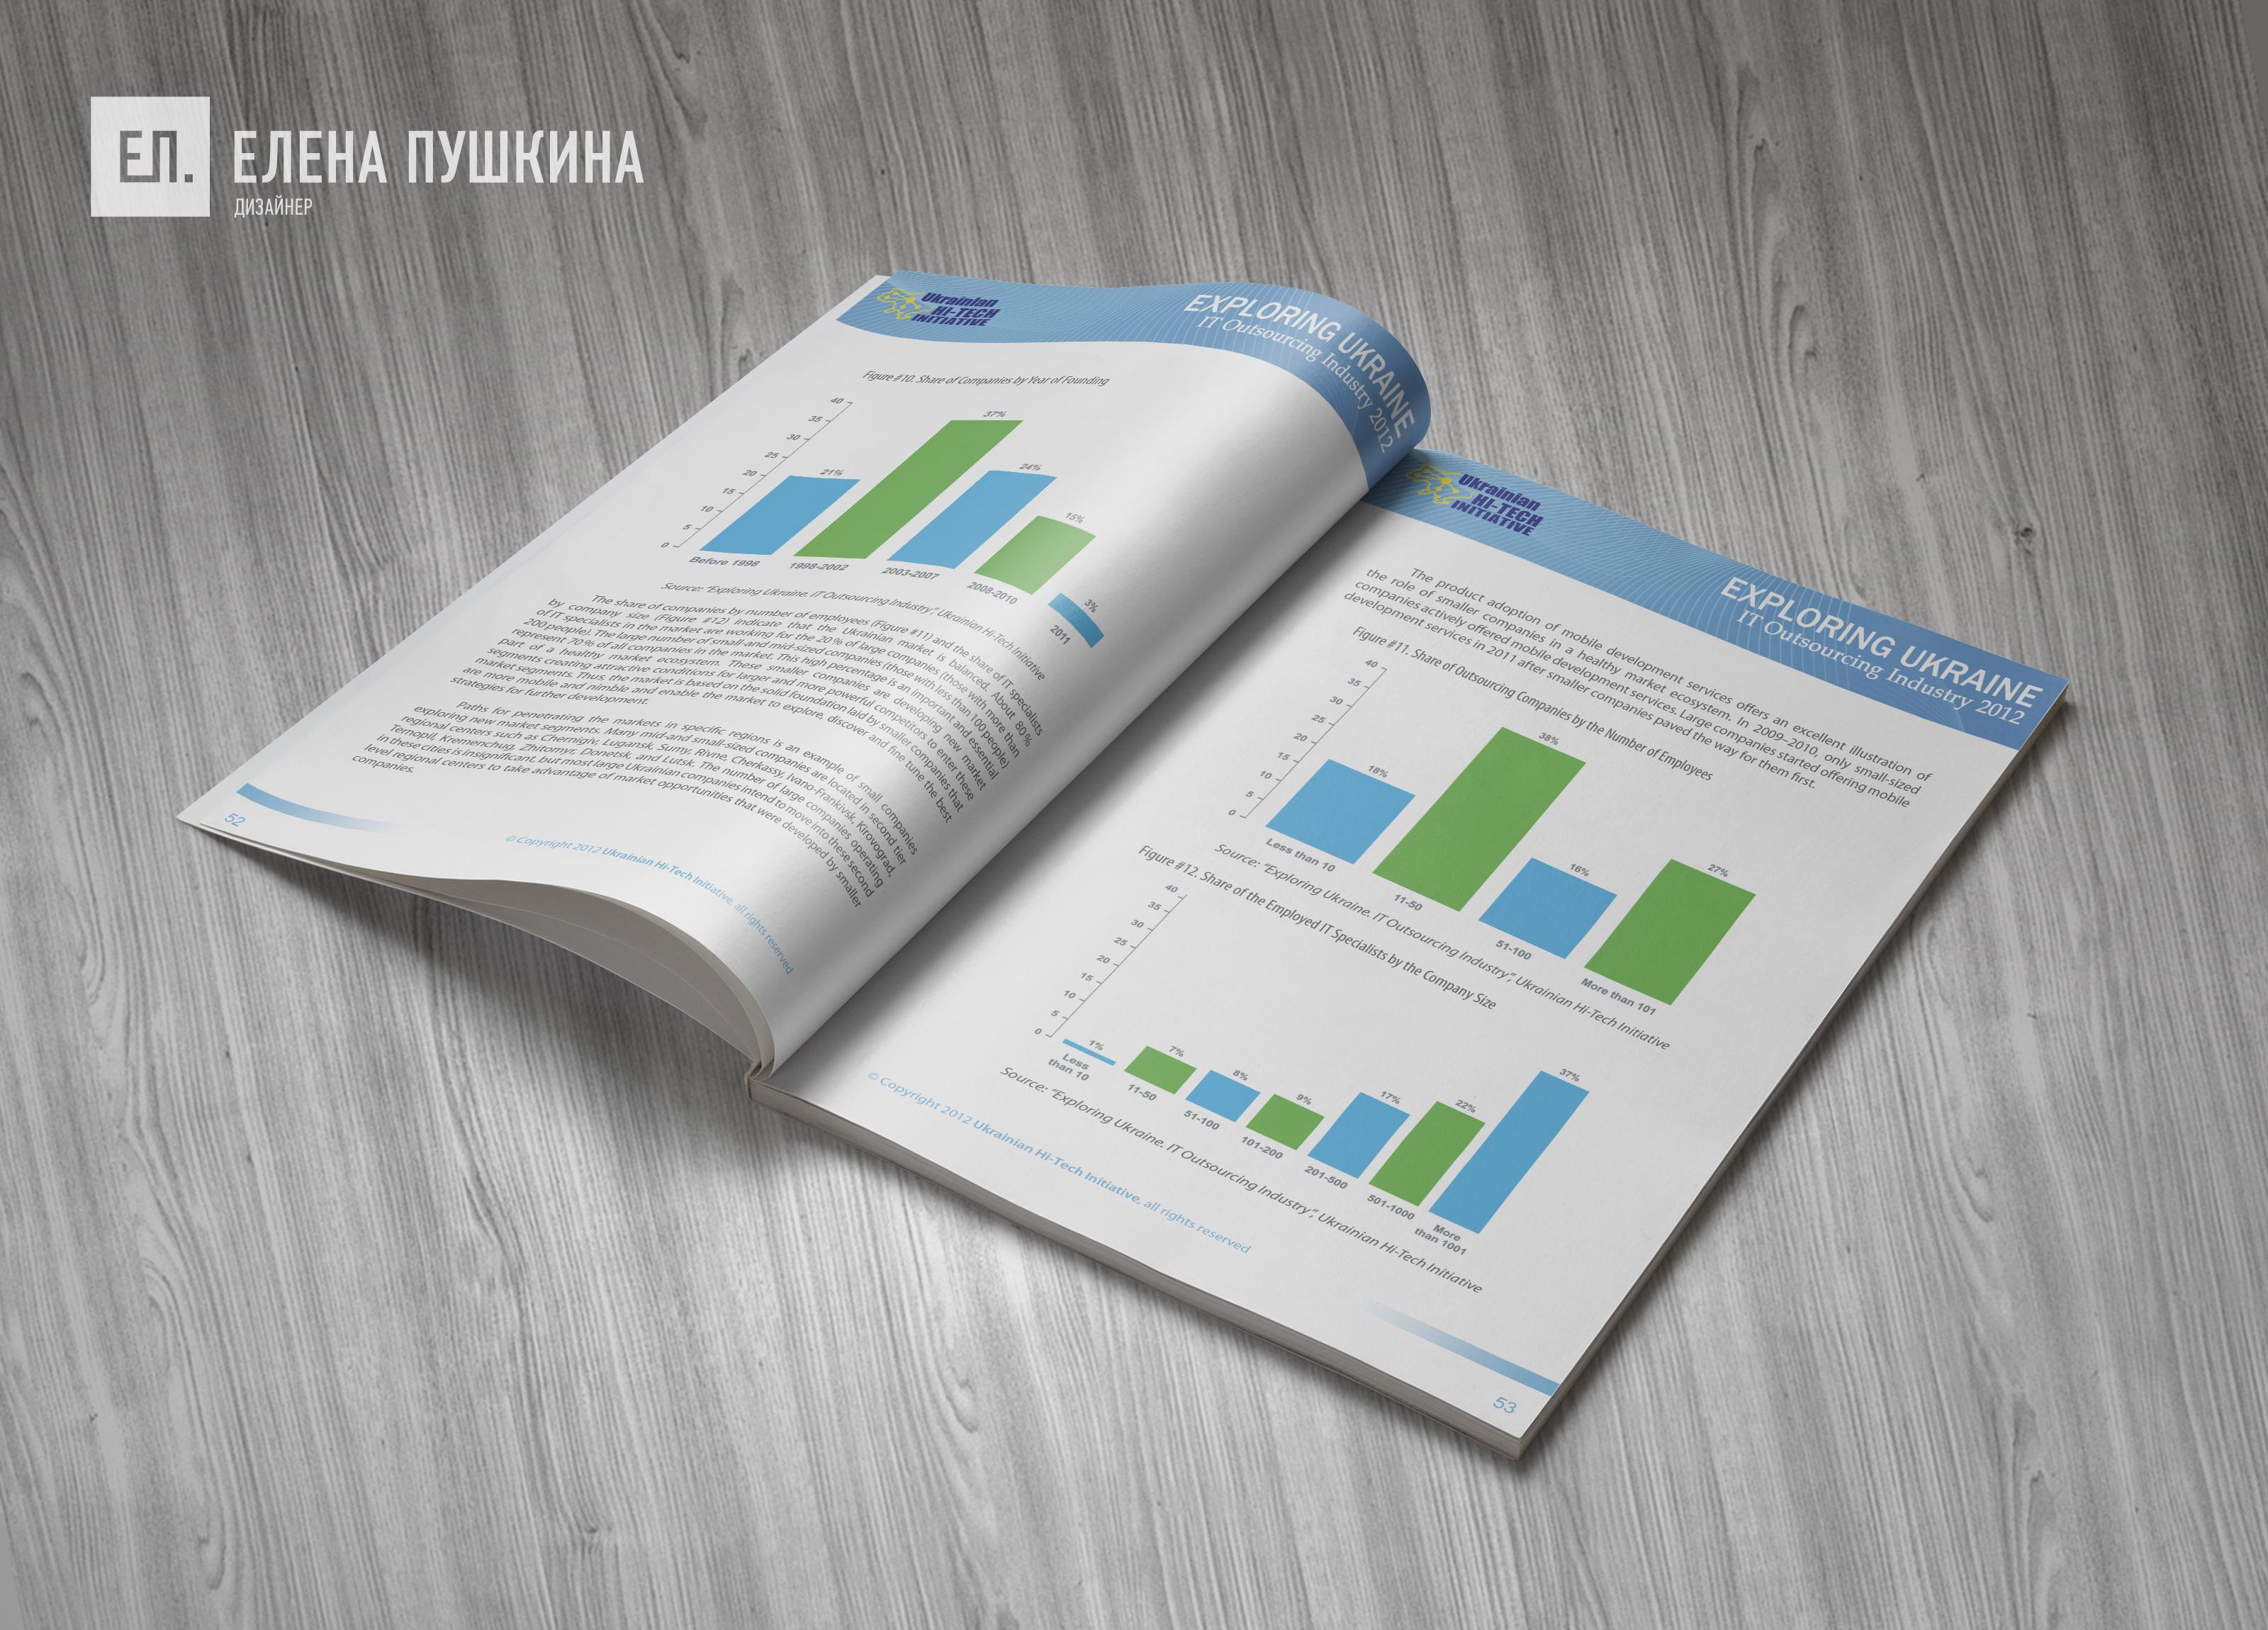 Аналитический отчёт «IT Outsourcing Industry»— дизайн с«нуля» обложки, макета, инфографики ивёрстка брошюры Дизайн брошюр, буклетов Портфолио